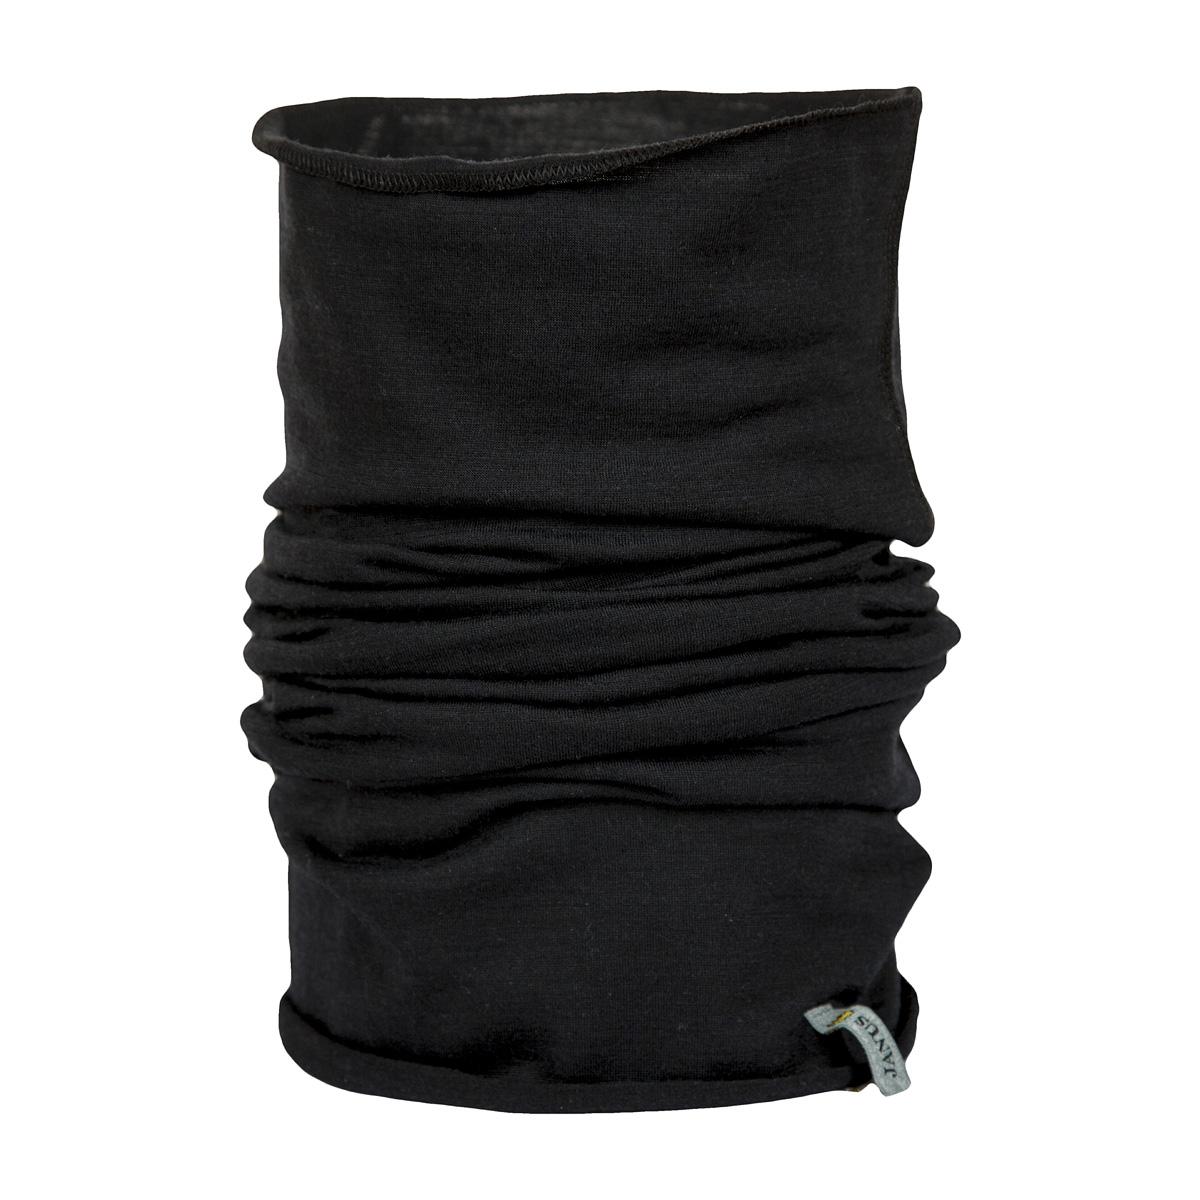 Janus LightWool vuxen halsduk neckwarmer 100% merinoull svart